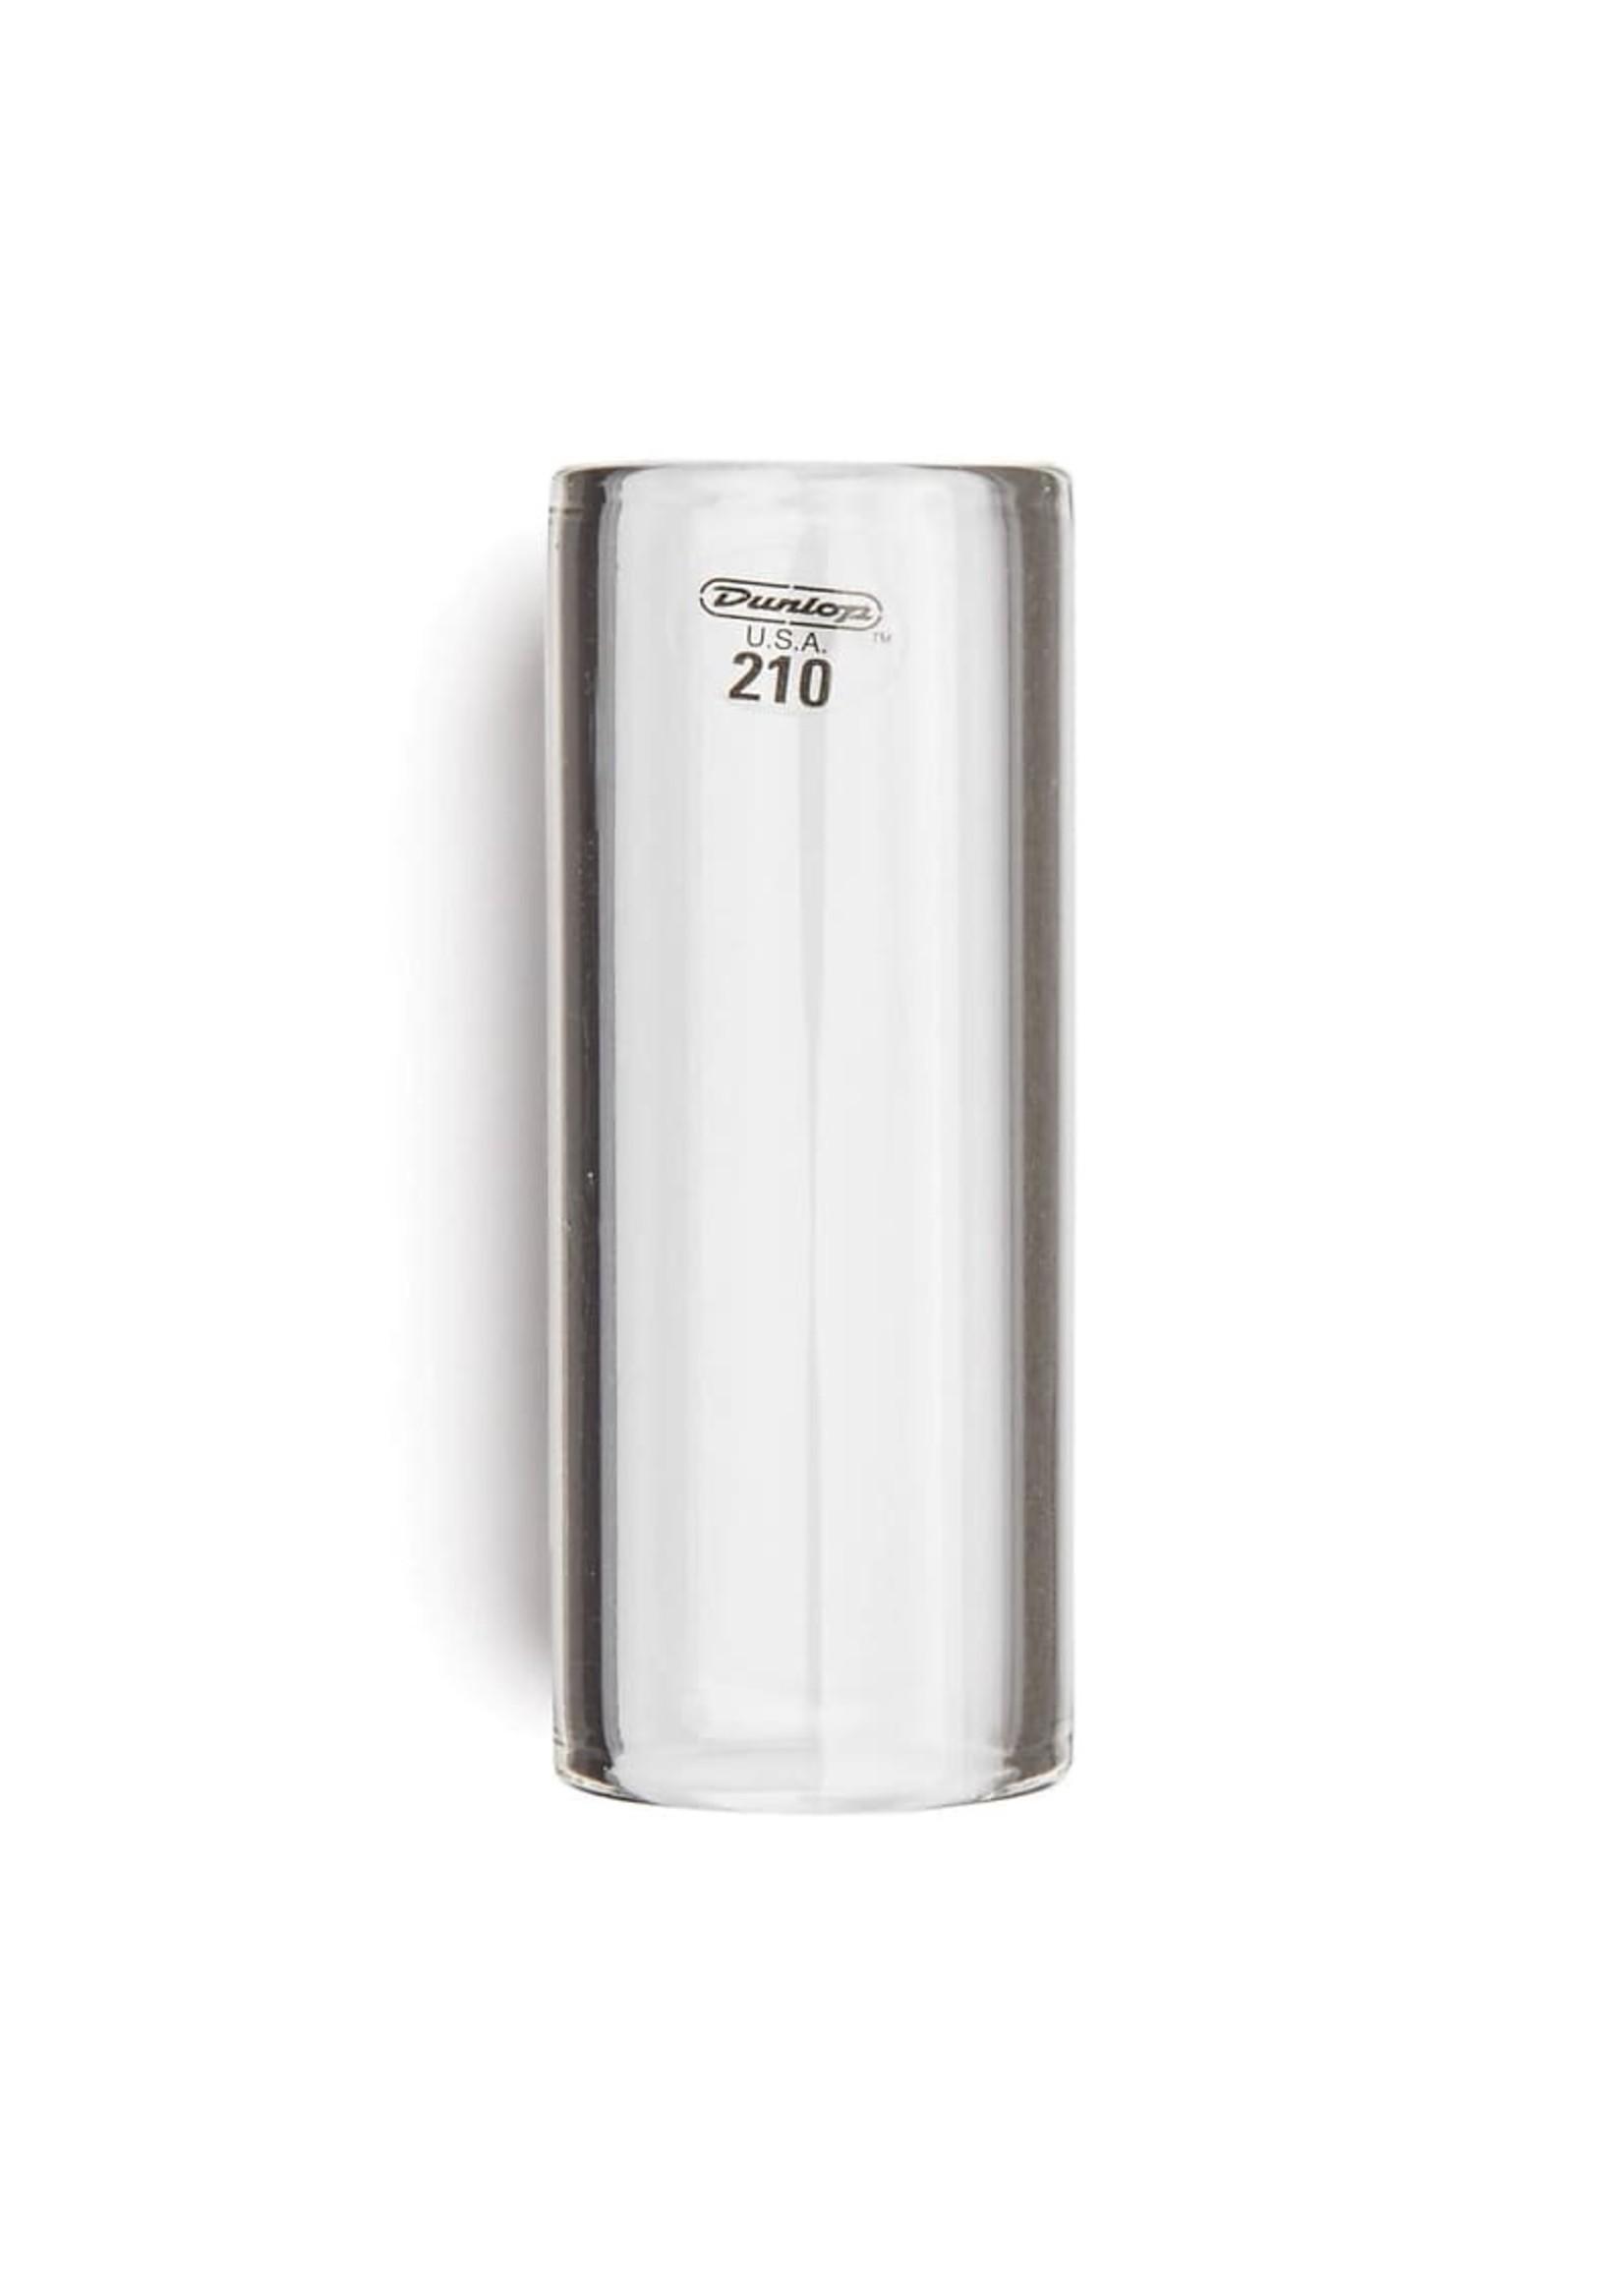 Dunlop Dunlop 210 MEDIUM WALL MEDIUM GLASS SLIDE